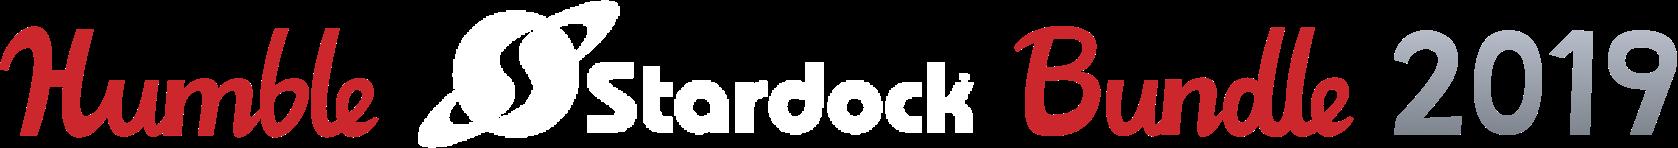 Humble Stardock Bundle 2019